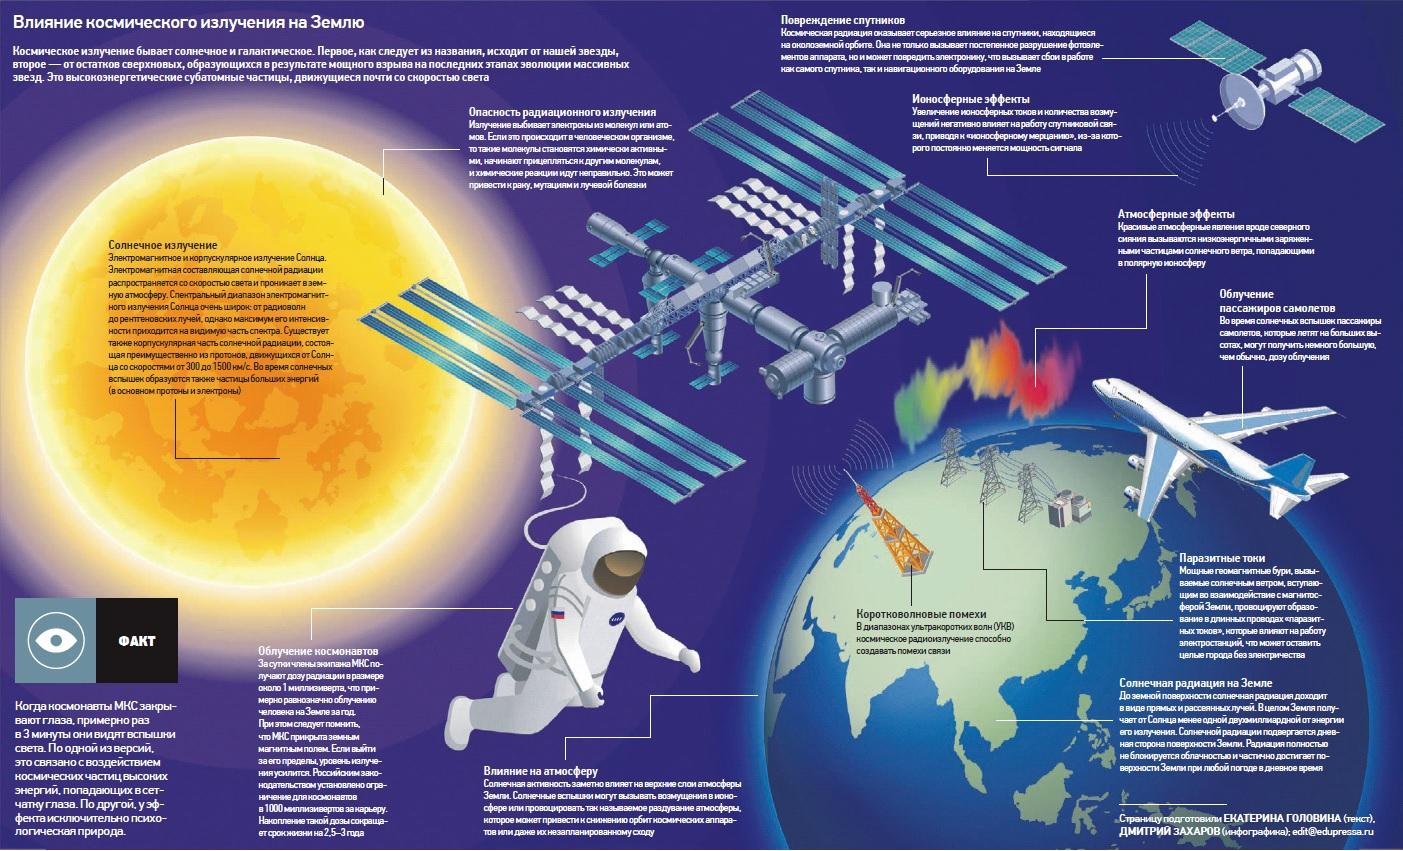 Охота за энергией: второй век подряд энергетика остается полем для великих открытий